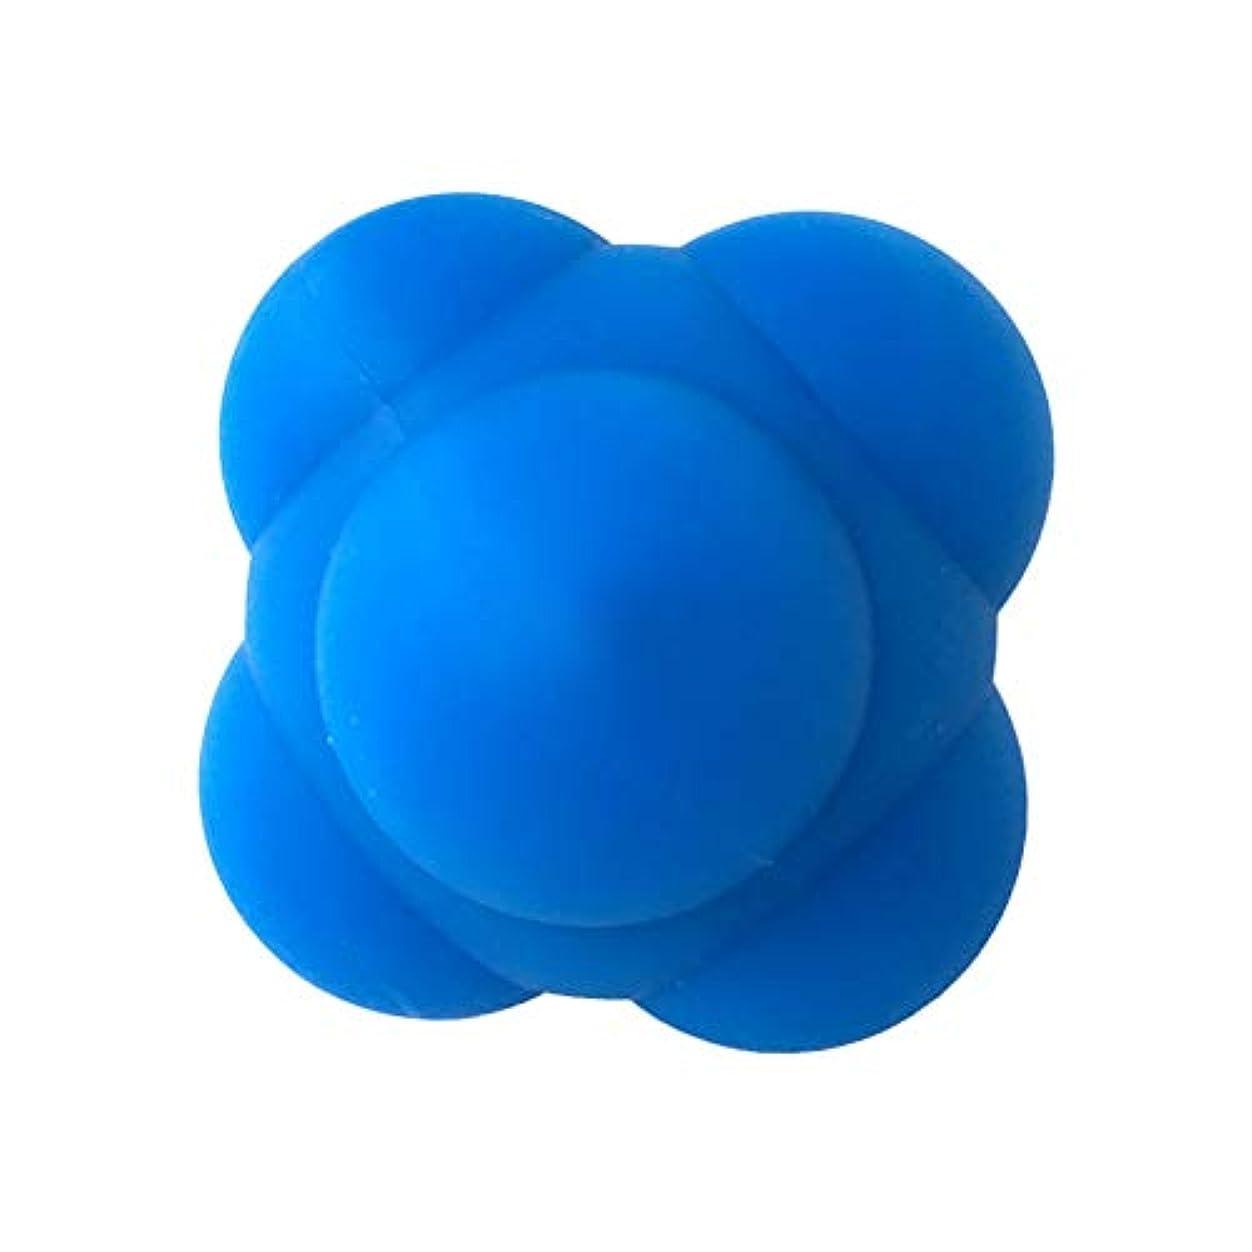 鉱夫前方へかけがえのないHealifty 体の管理ボールスポーツシリコン六角形のボールソリッドフィットネストレーニングエクササイズリアクションボール素早さと敏捷性トレーニングボール6cm(青)